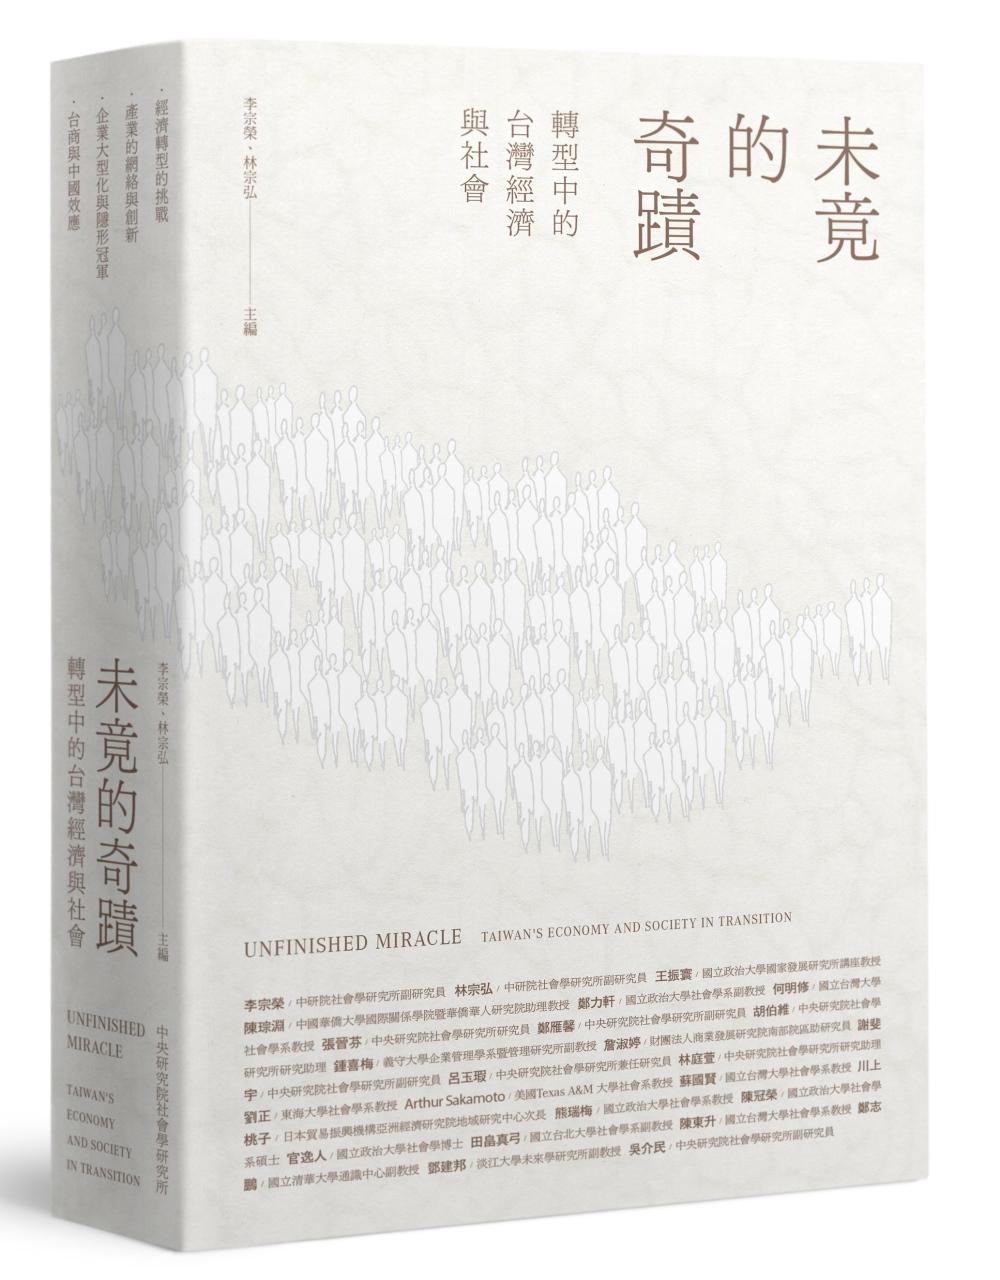 未竟的奇蹟:轉型中的台灣經濟與社會